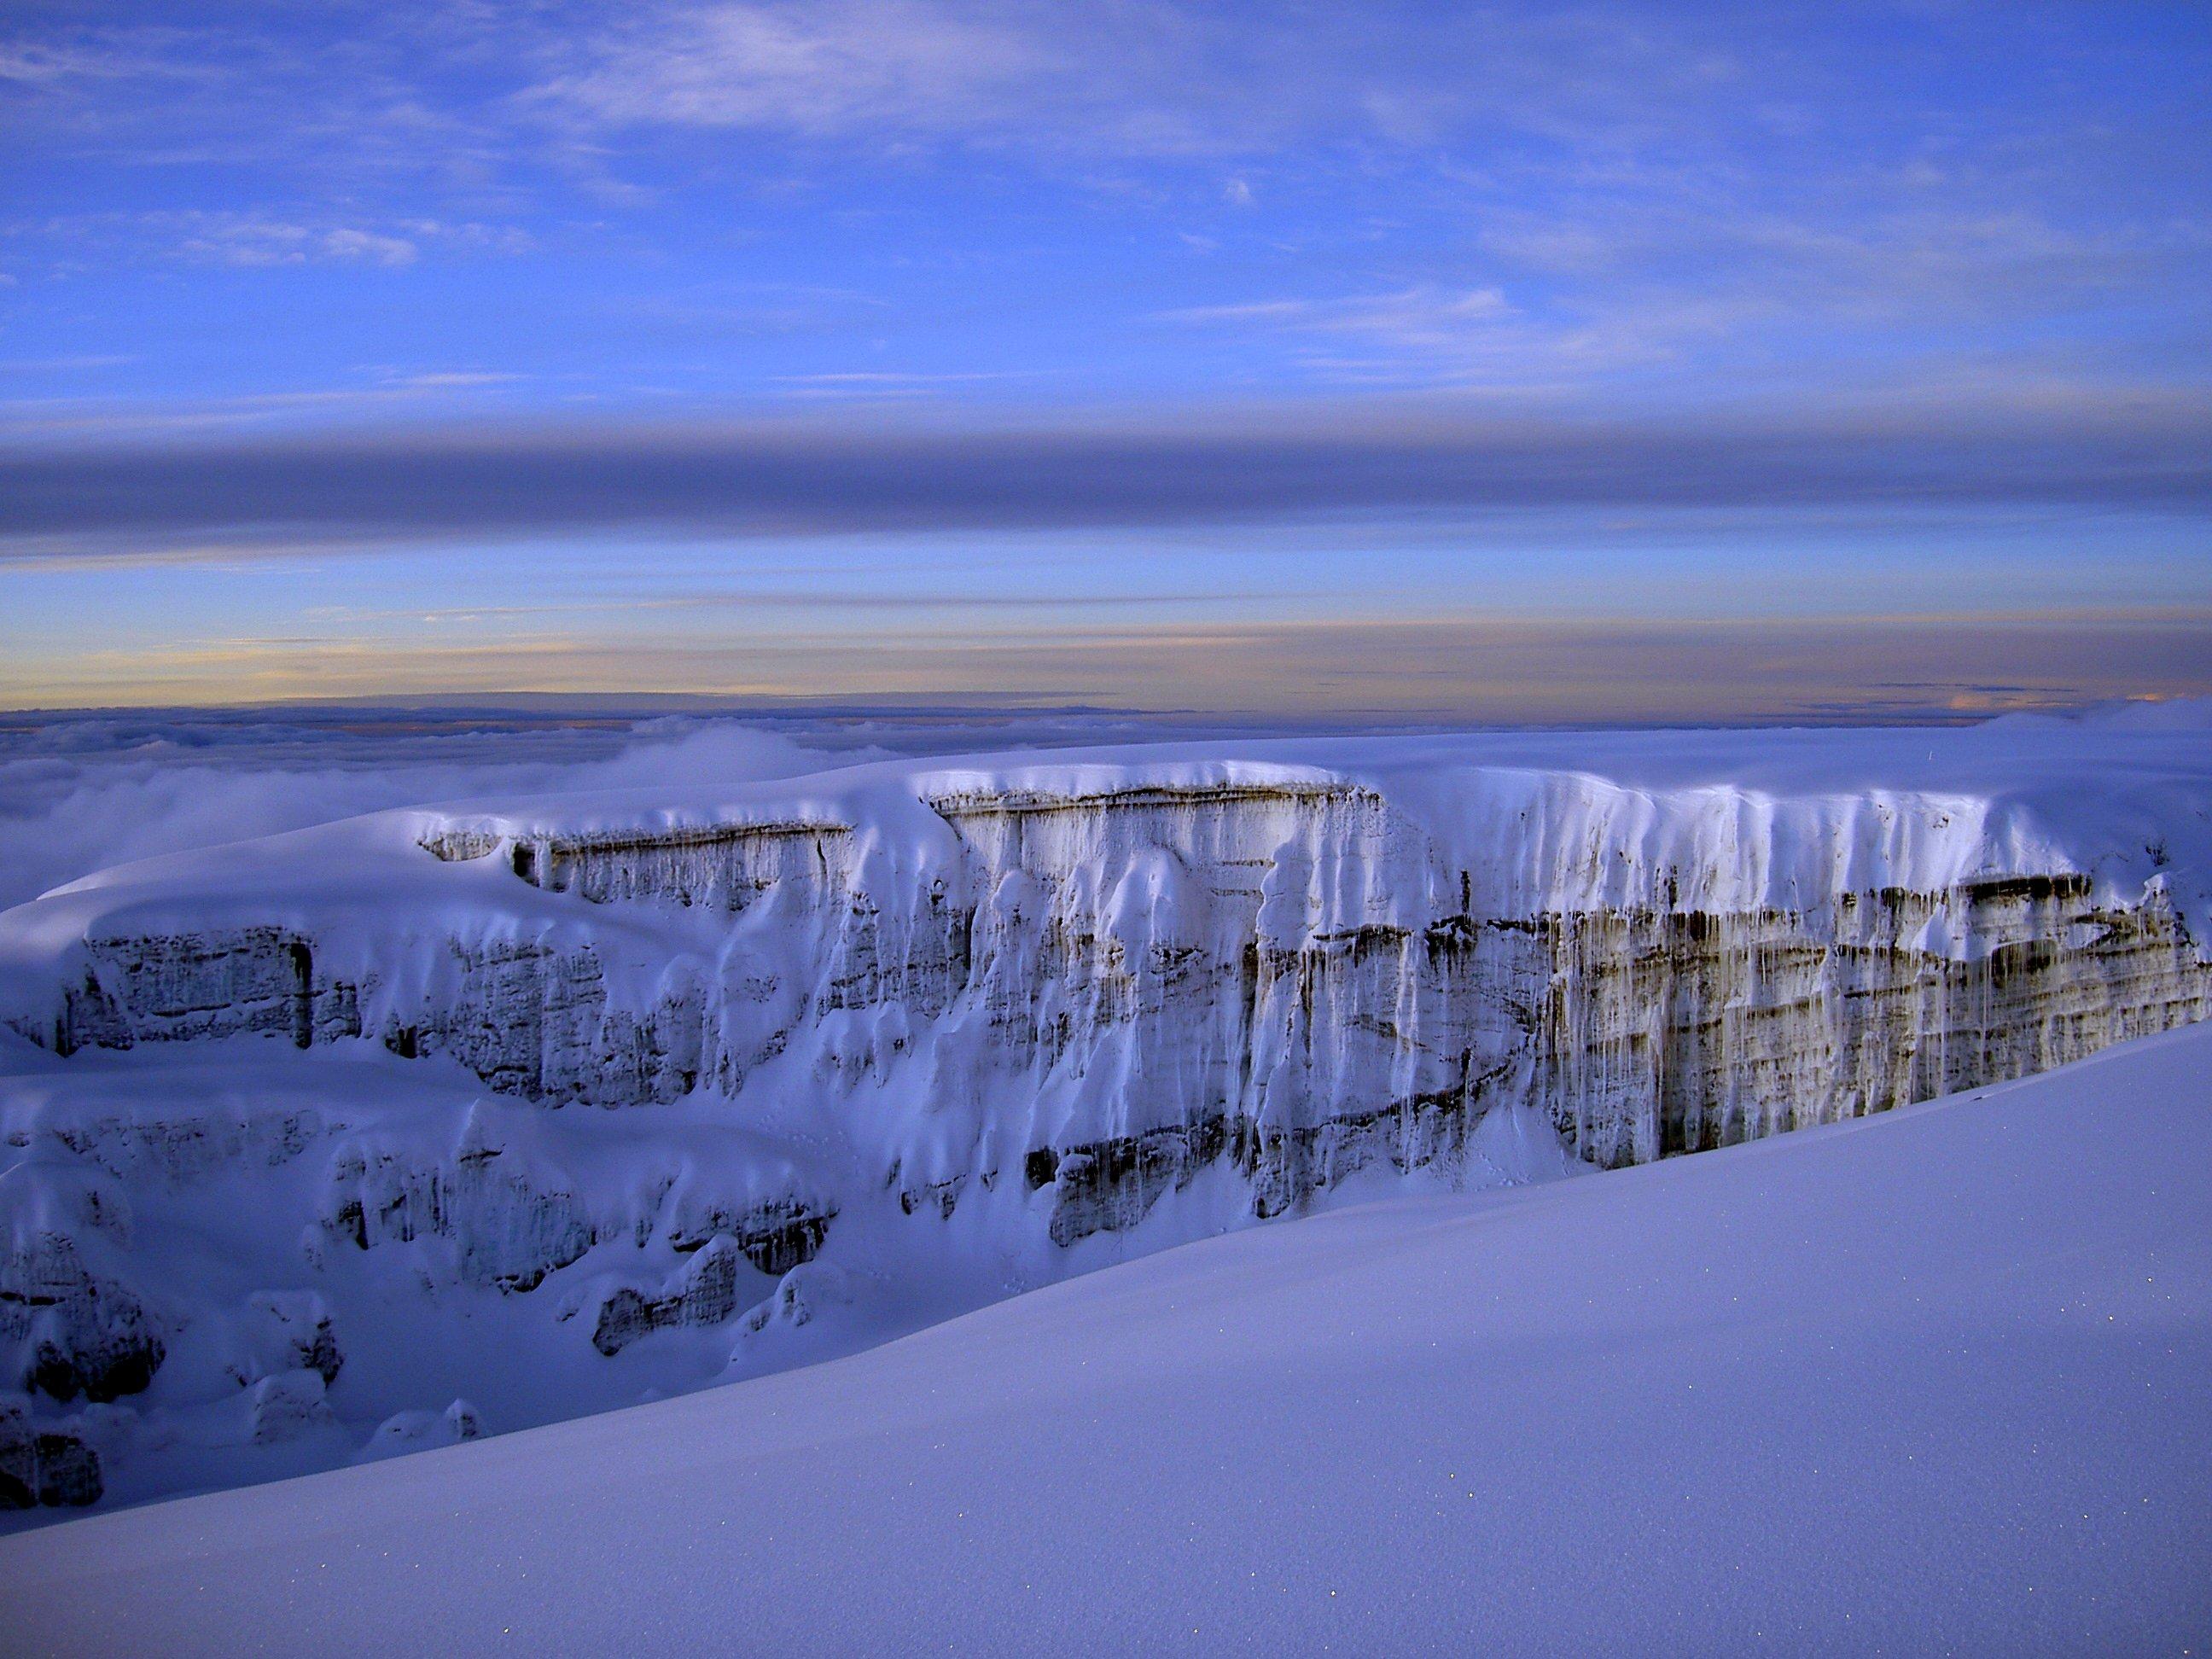 Southern_Glacier_5800m_Mt._Kilimanjaro_2